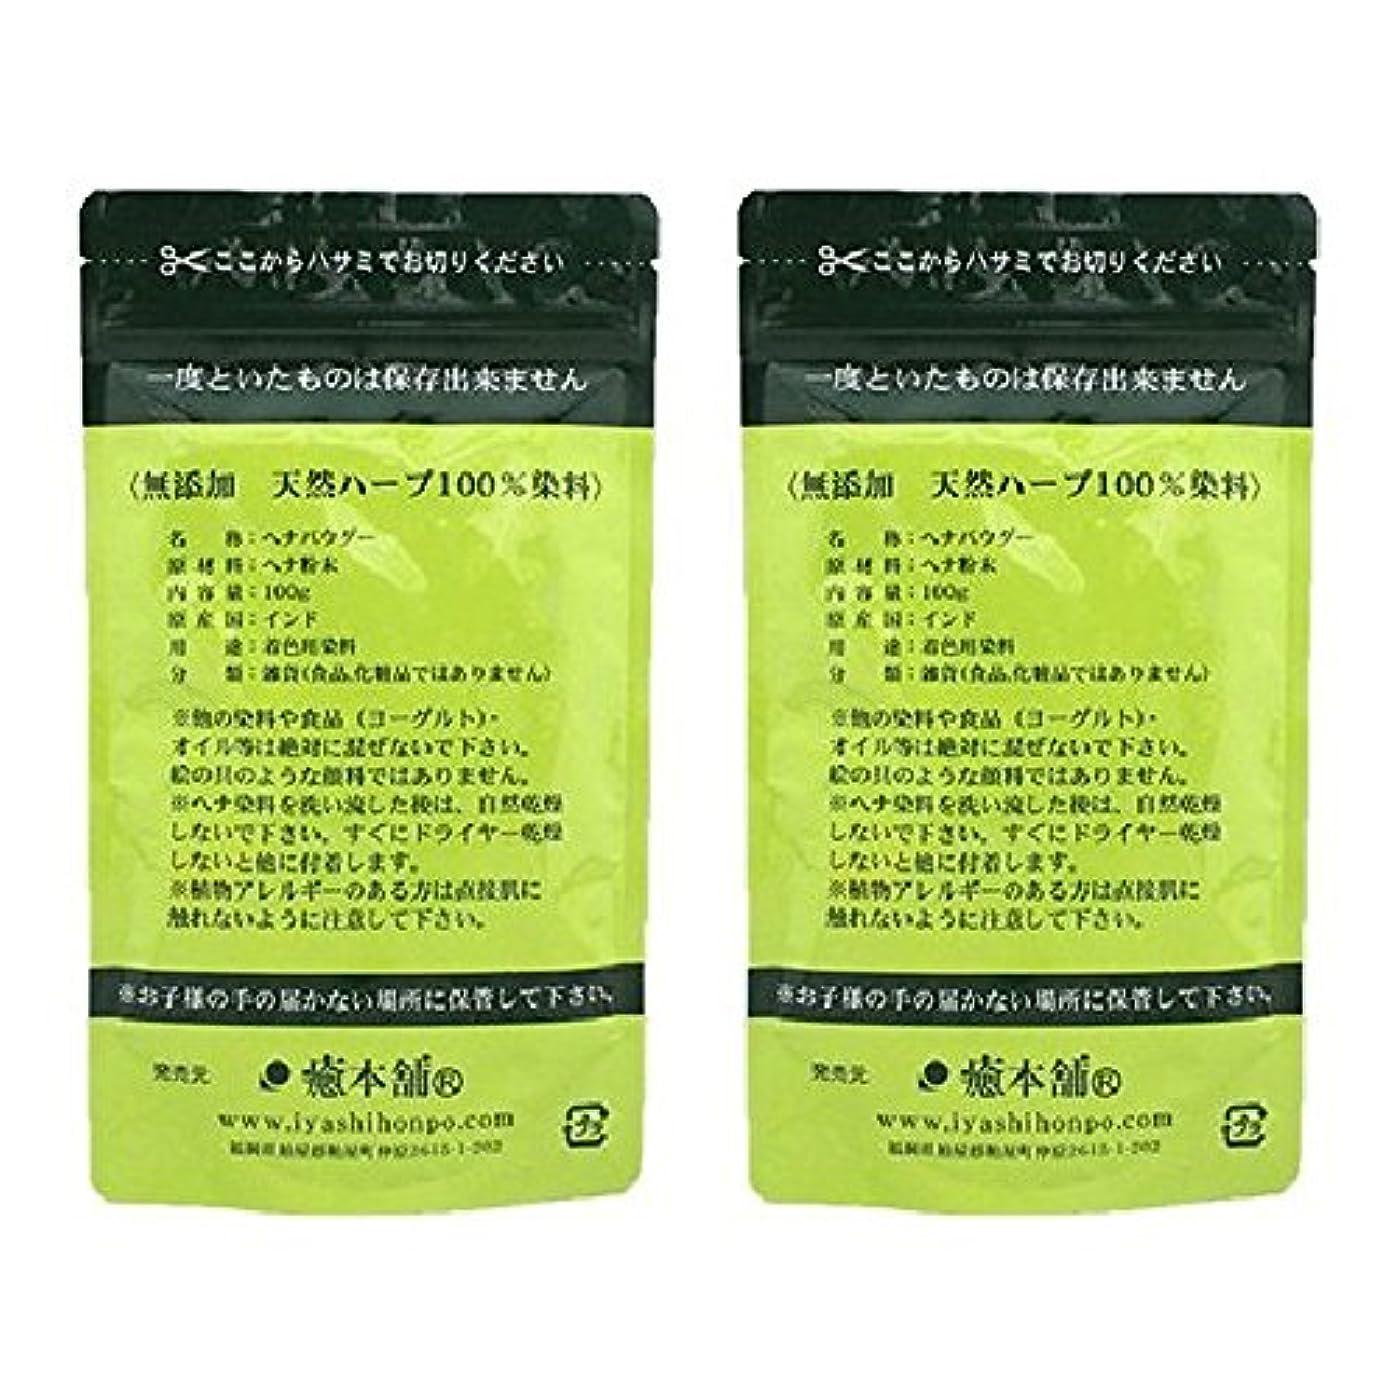 ヒューズ含める閃光天然染料100% 癒本舗 ヘナ 100g×2個セット 白髪染め ノンシリコン ヘアカラー ヘナカラー